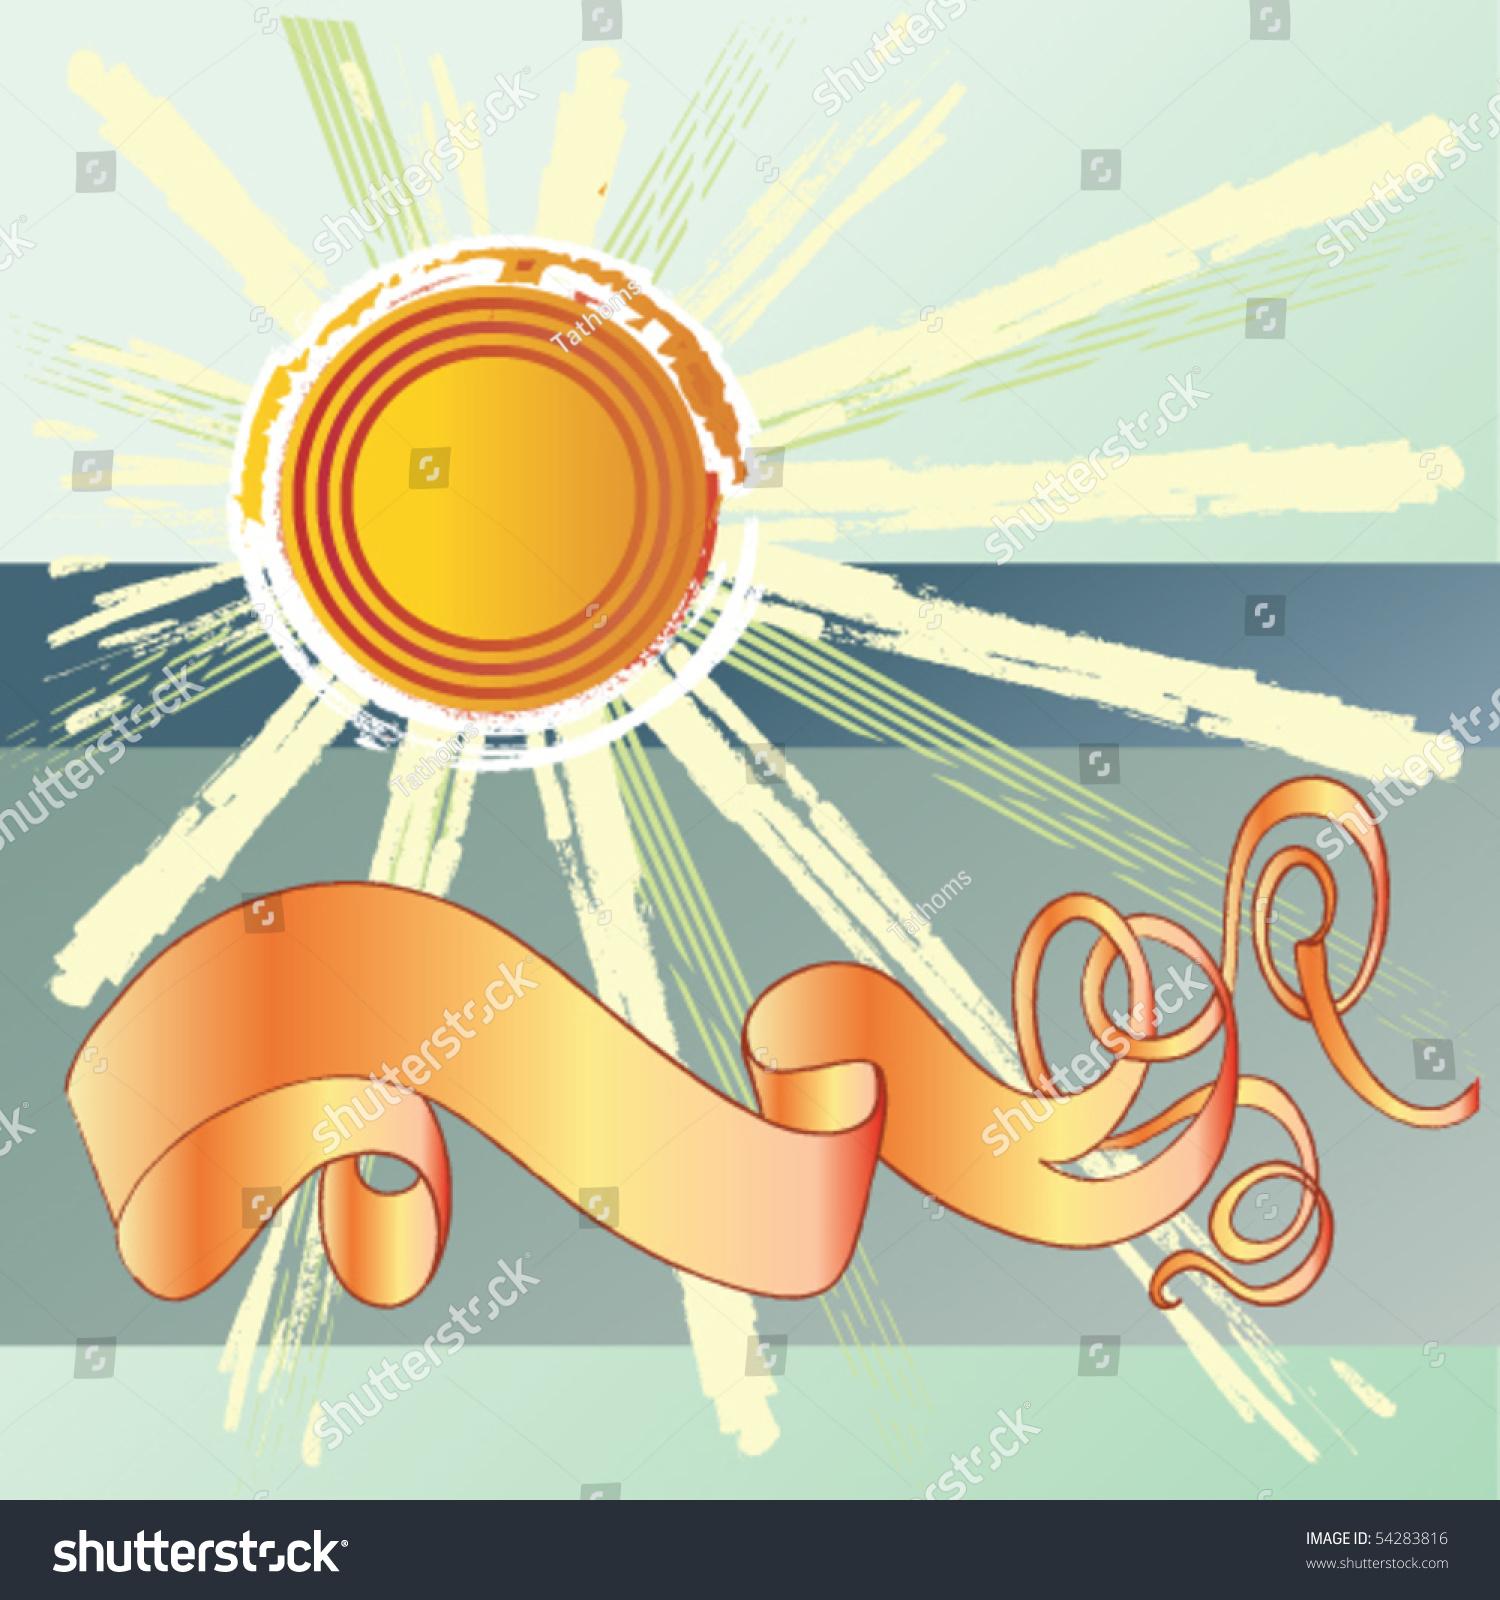 stock-vector-sunny-cartouche-54283816.jp